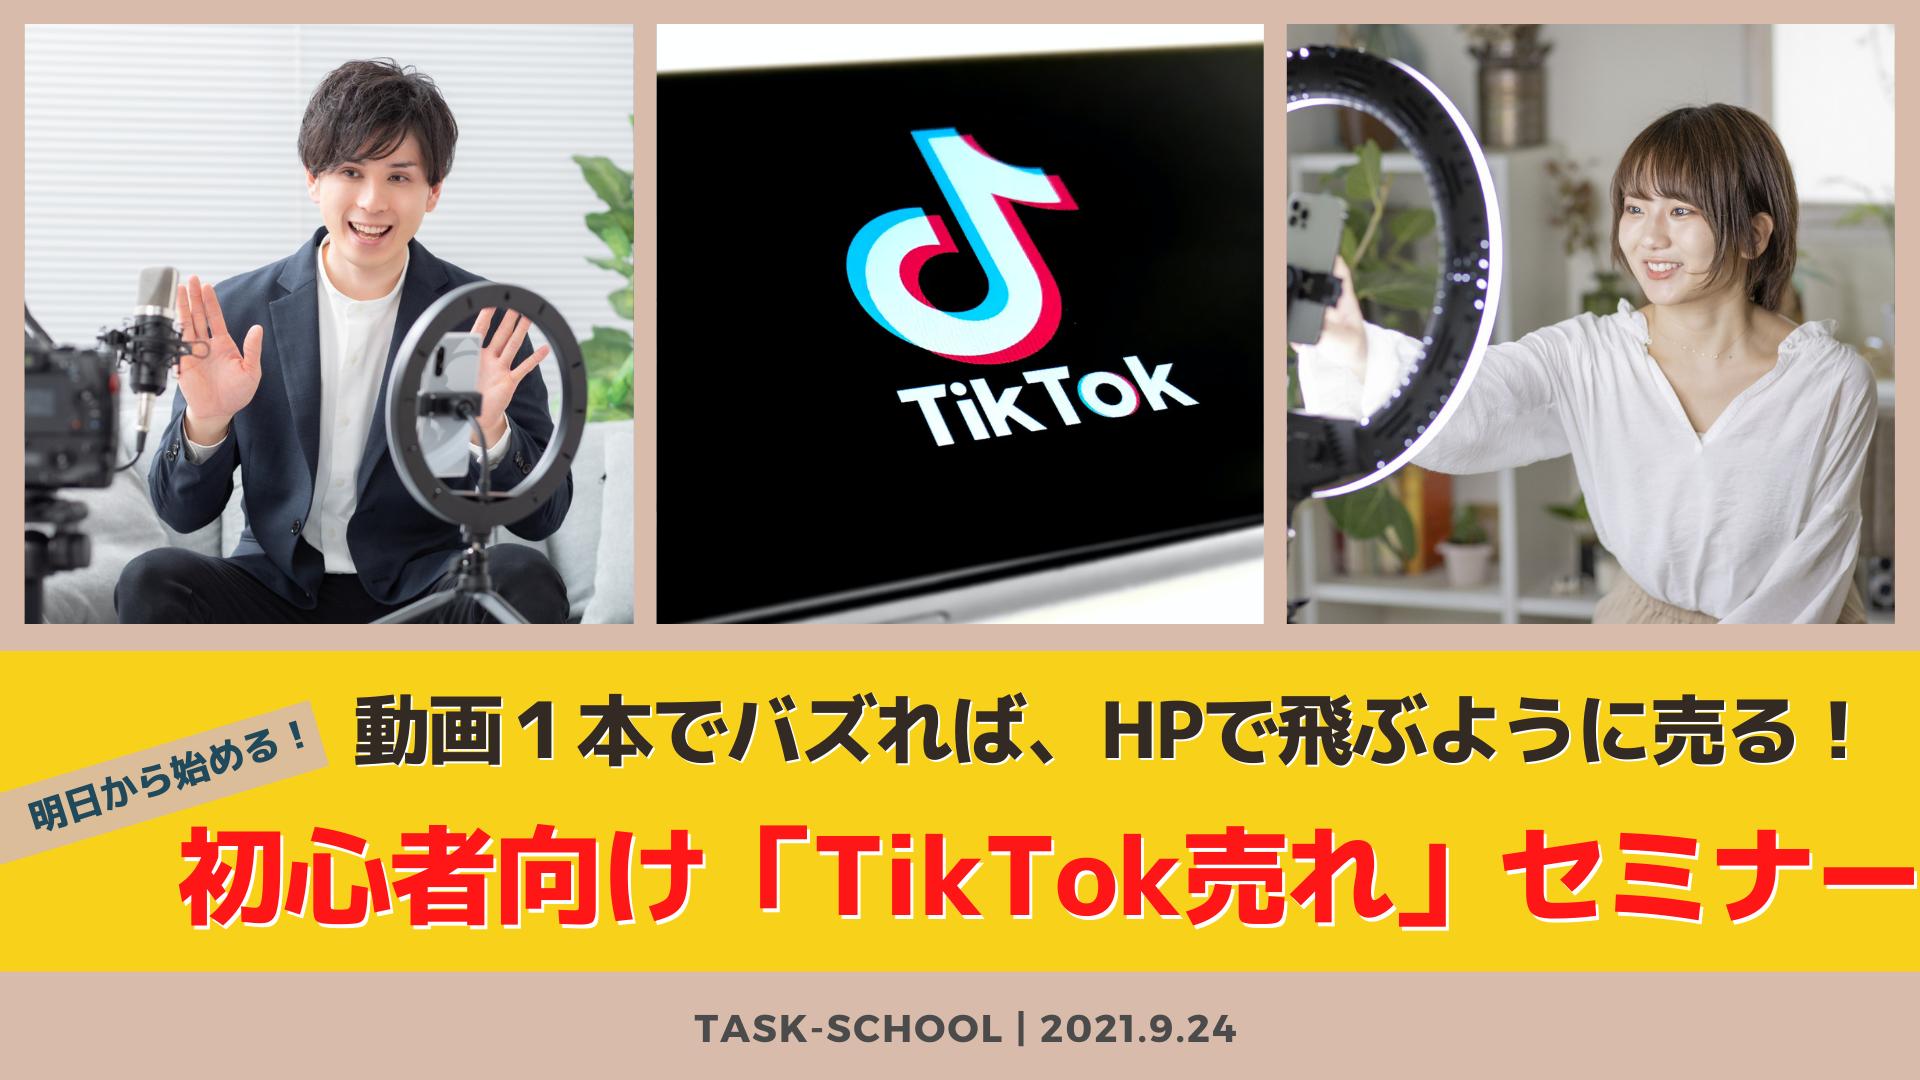 9/24 動画1本でバズれば、HPで飛ぶように売る! 明日から始める!初心者向け「TikTok売れ」セミナー